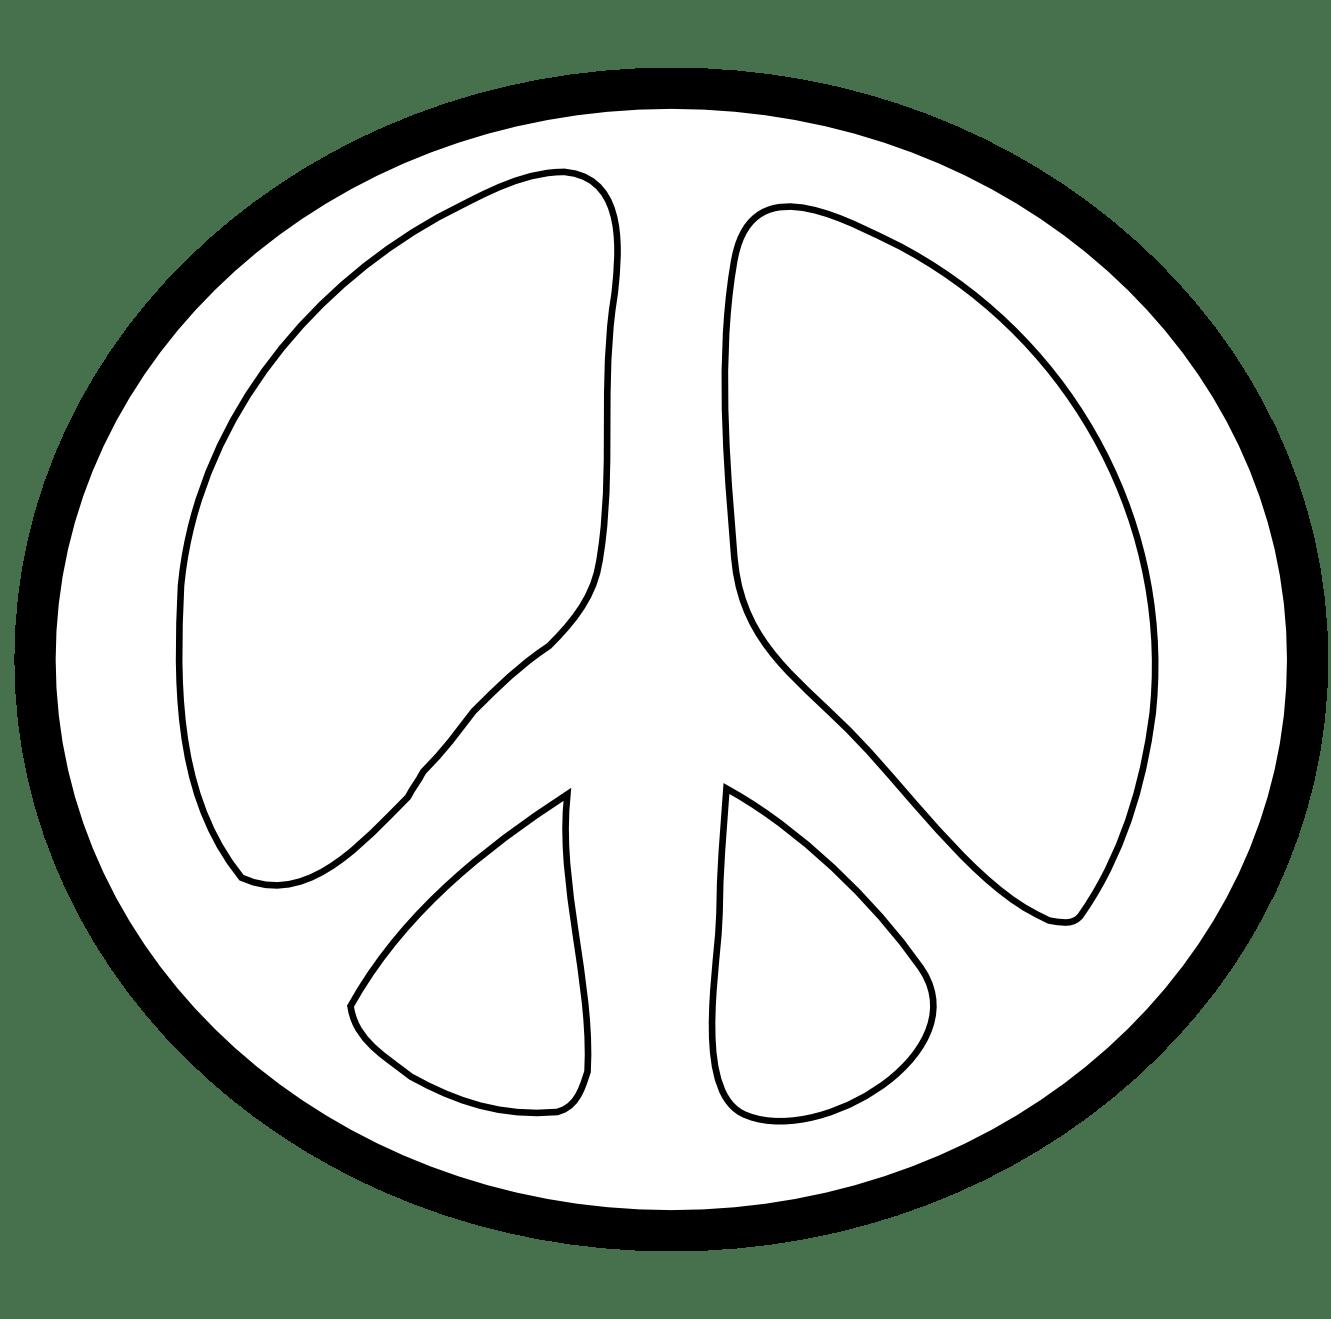 Clip Art Peace